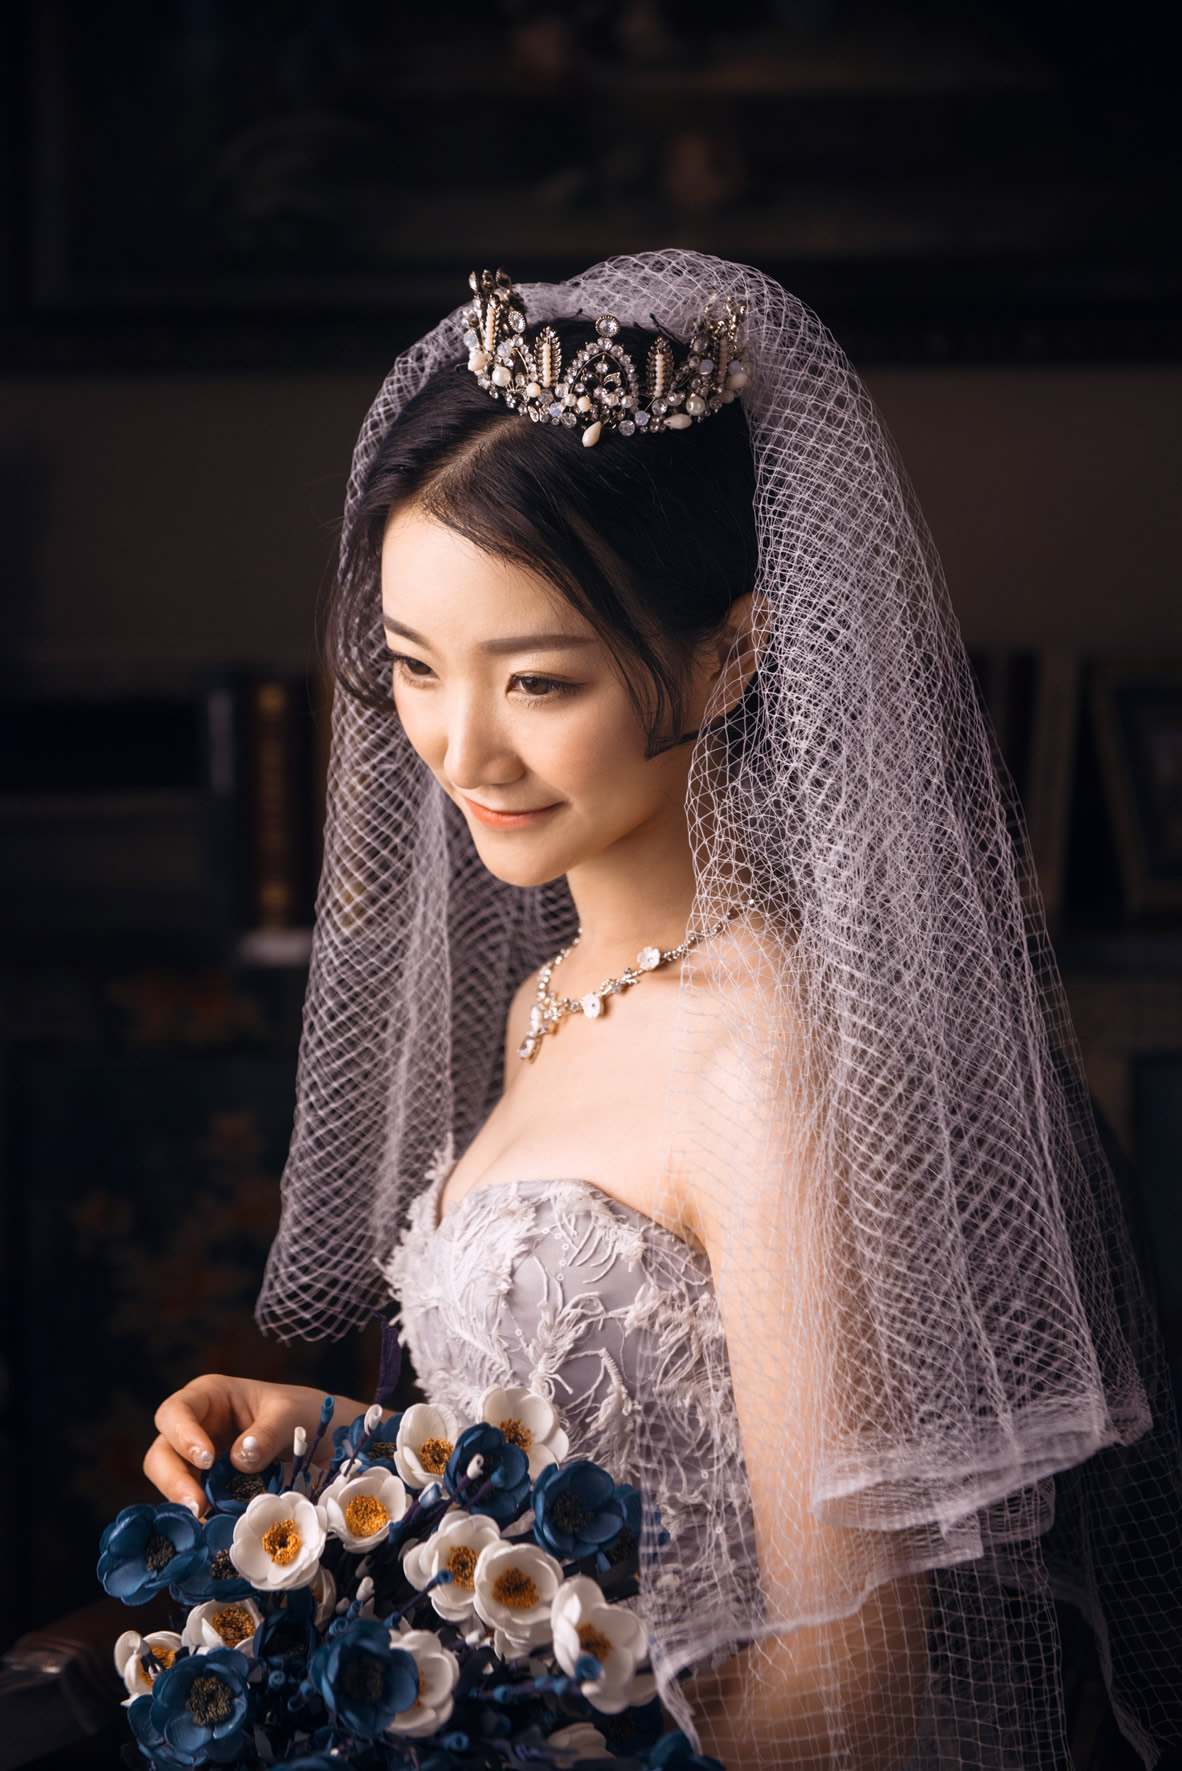 3月16日客片方先生 周小姐 - 每日客照 - 古摄影婚纱艺术-古摄影成都婚纱摄影艺术摄影网